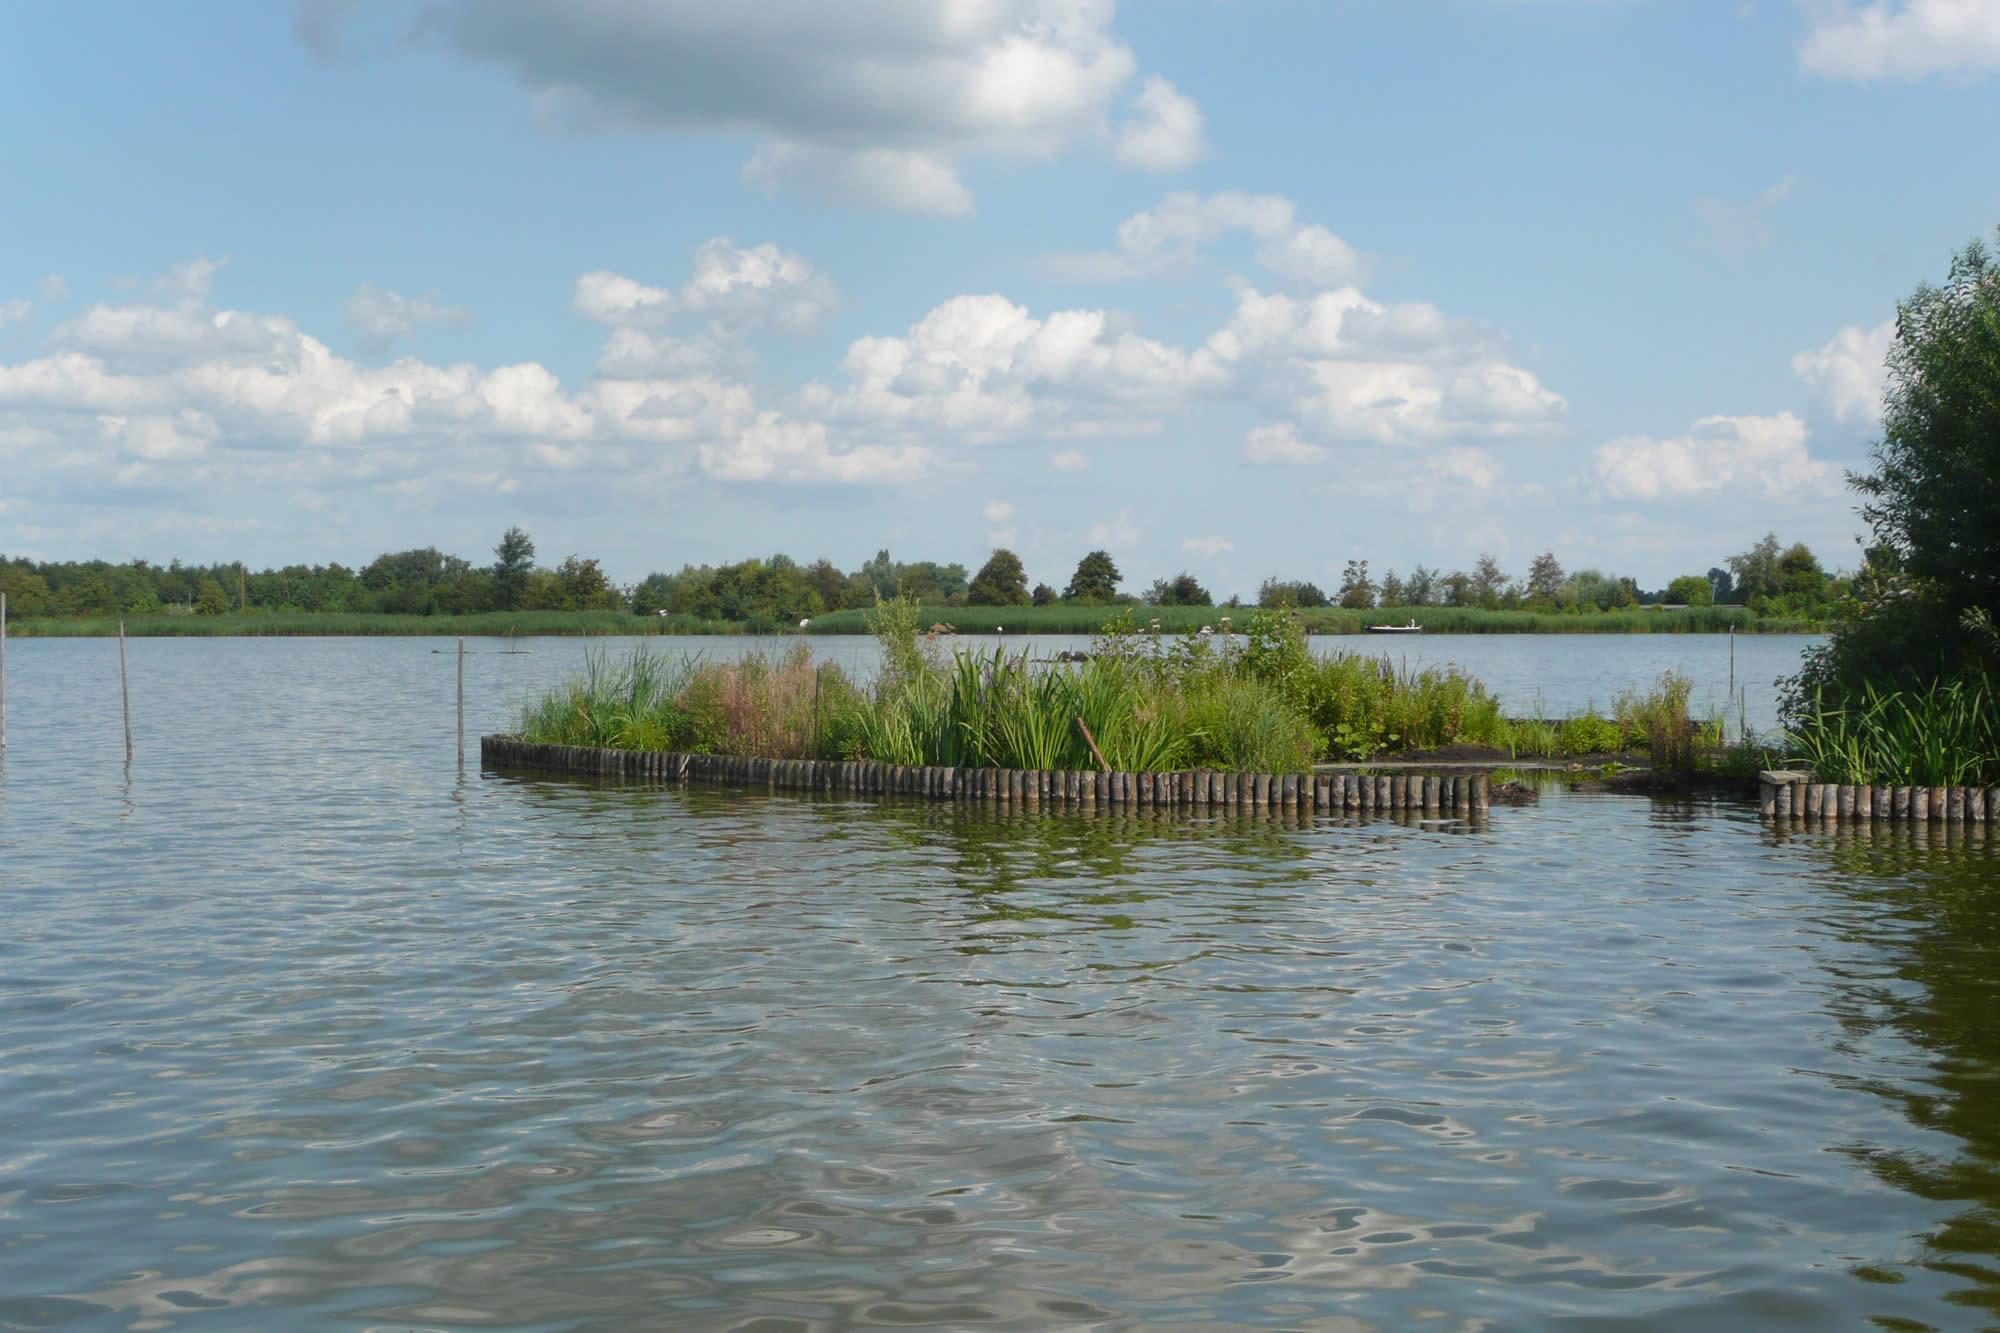 Natuur vriendelijk oeverbescherming Reeuwijkse plassen